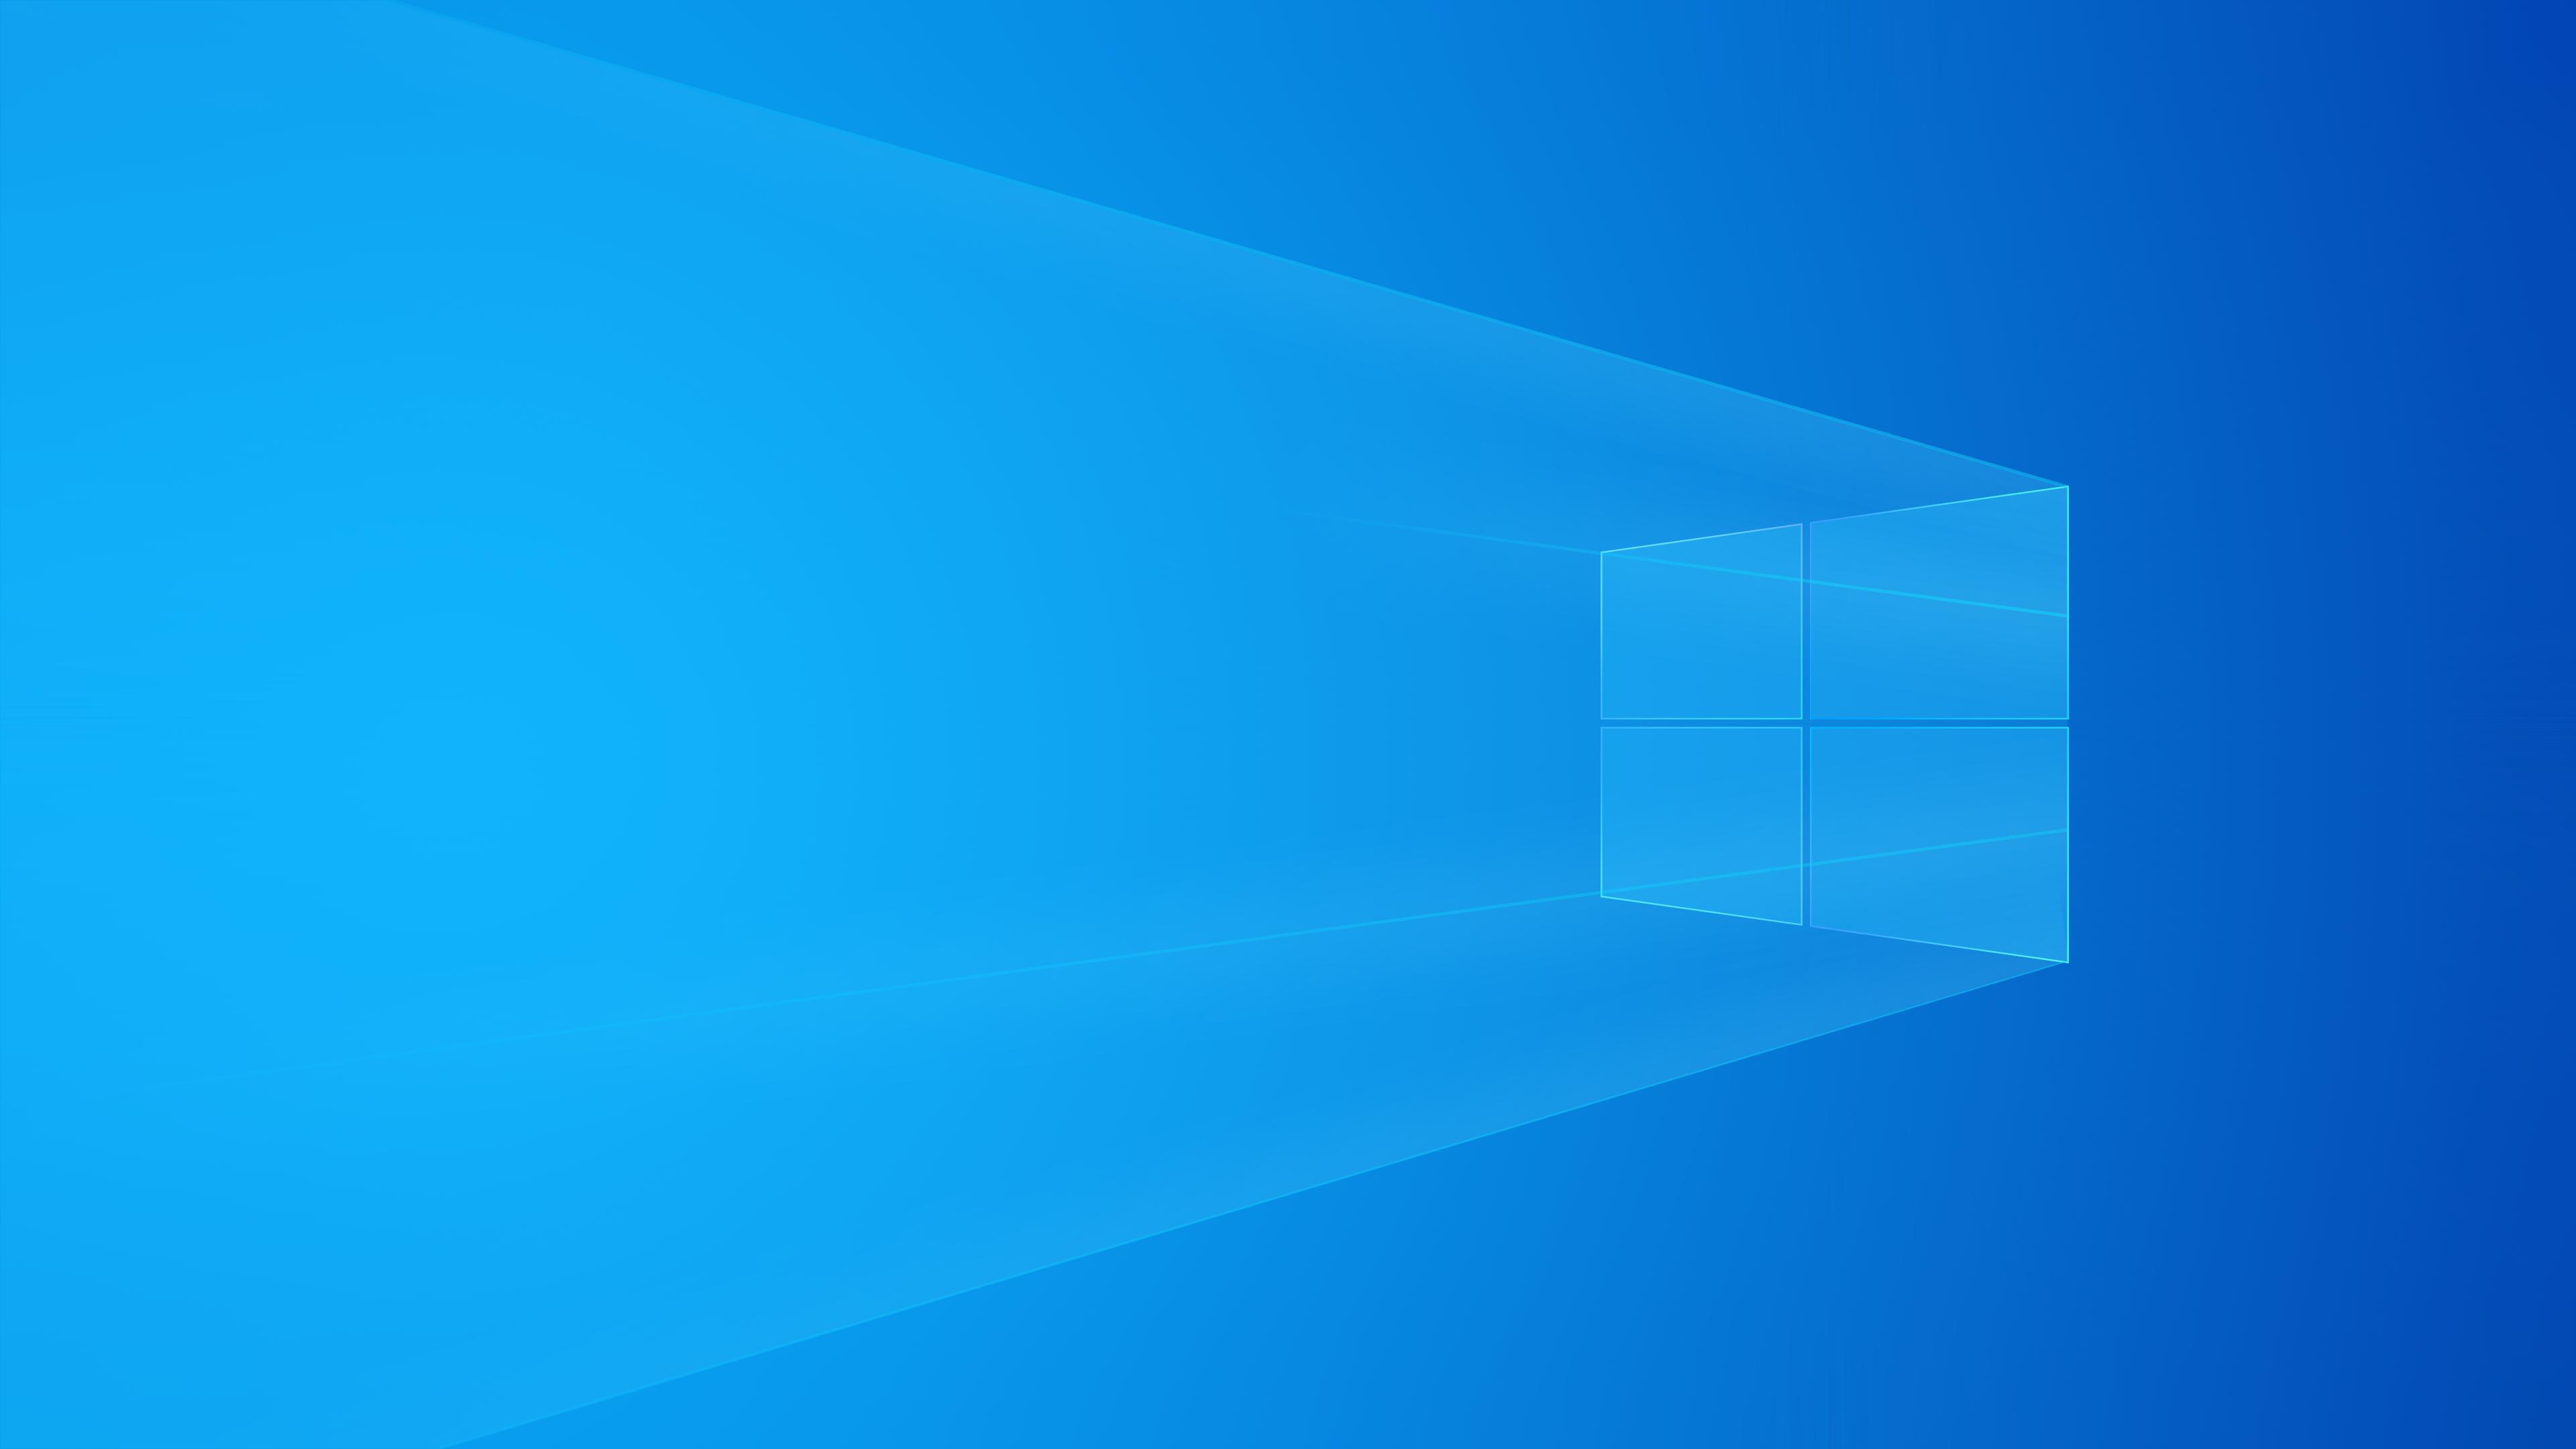 3840x2160 Windows 10 Stock Refined Active Wallpaper Wallpaper Wallpaper Online